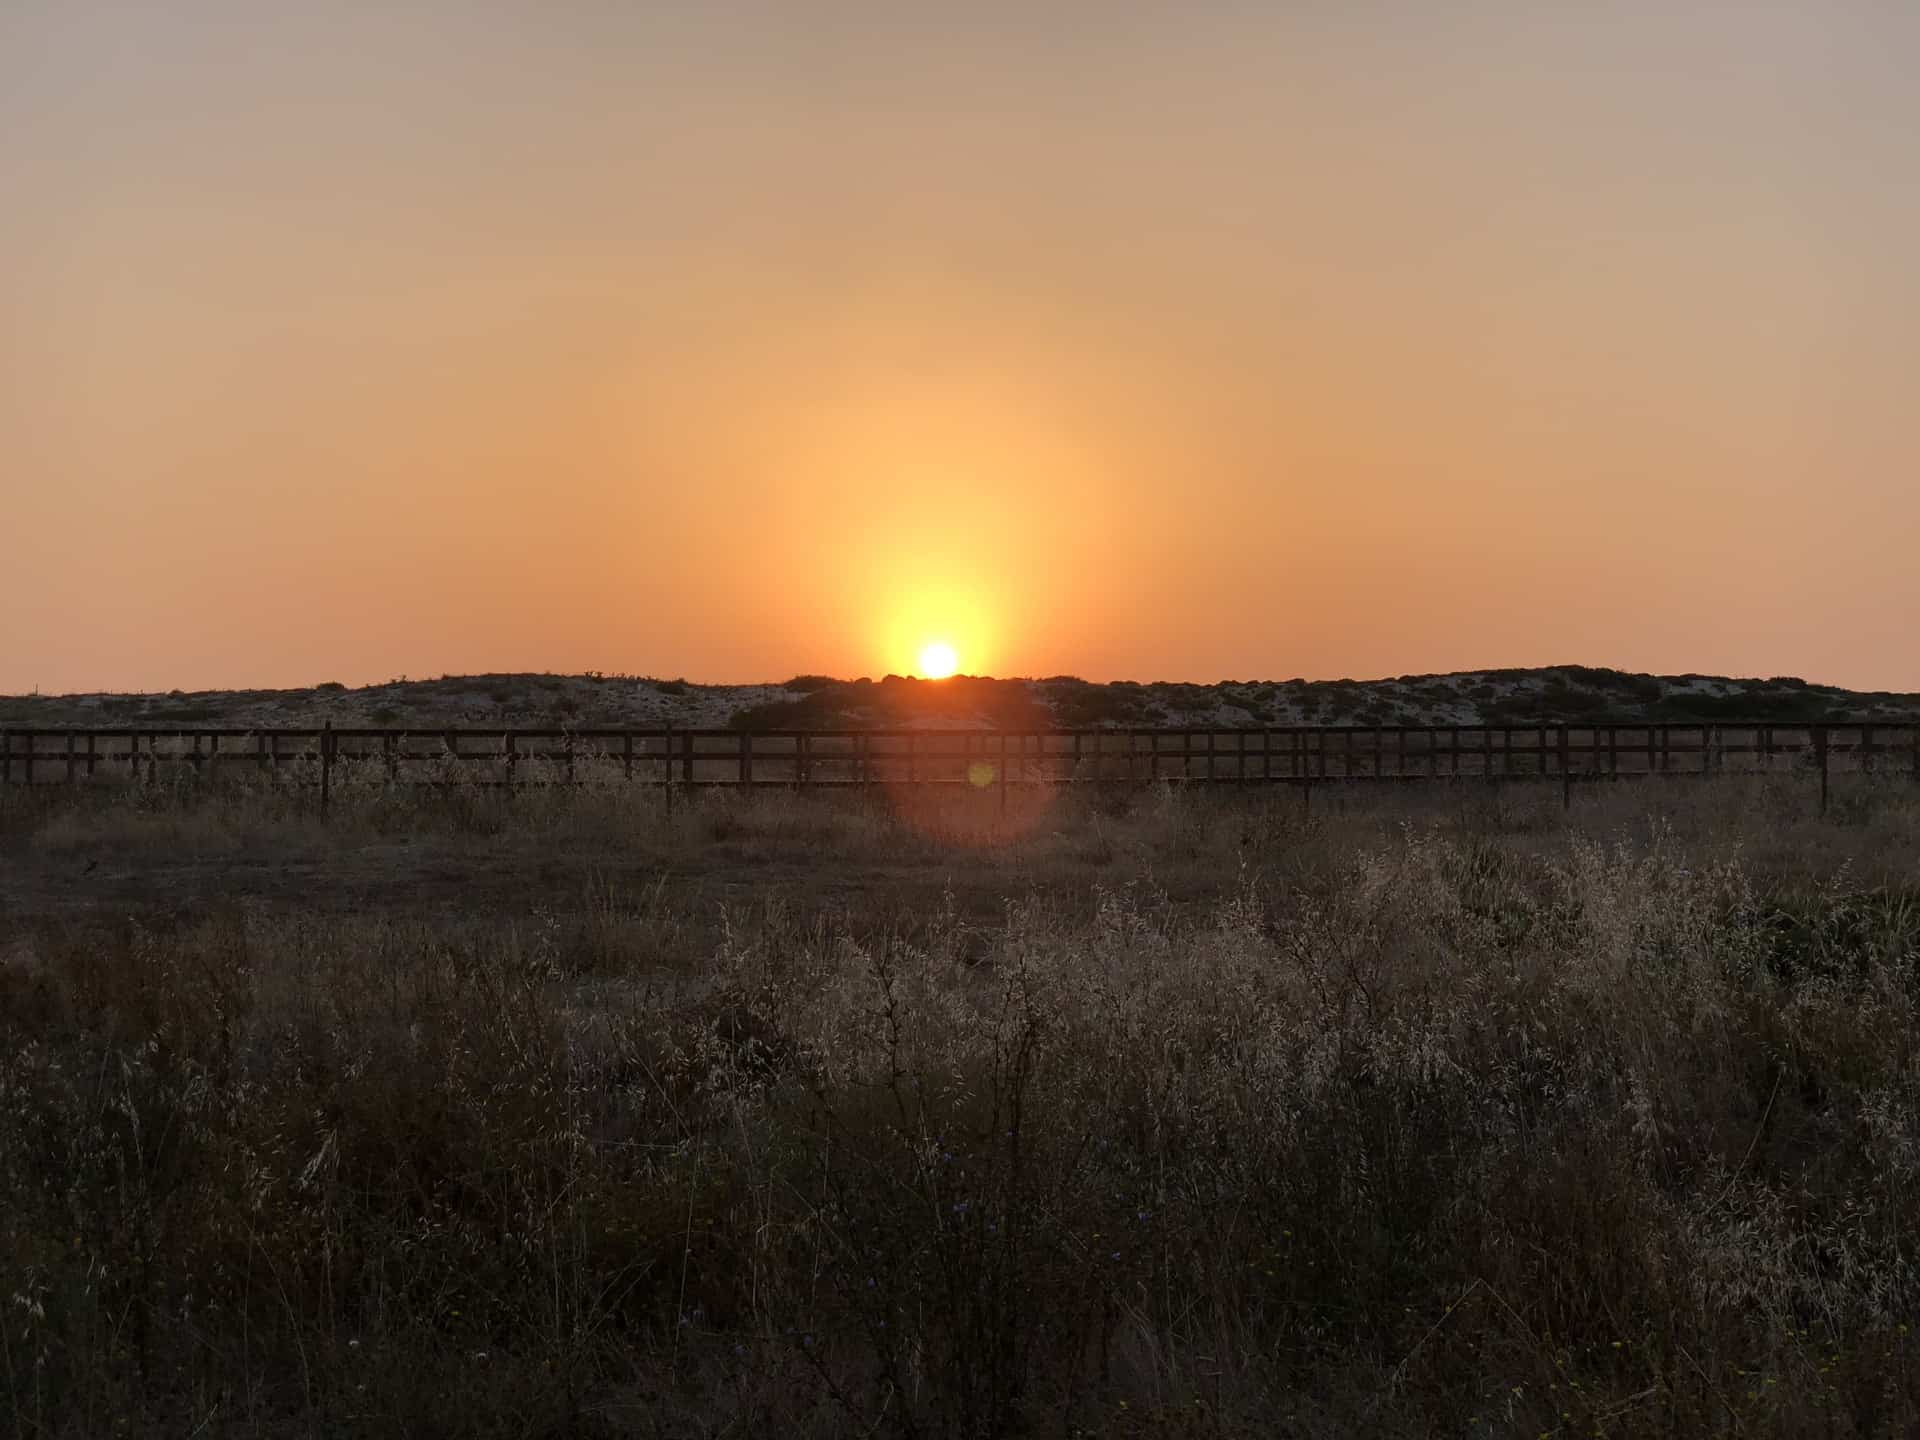 Schöner_Sonnenuntergang_19